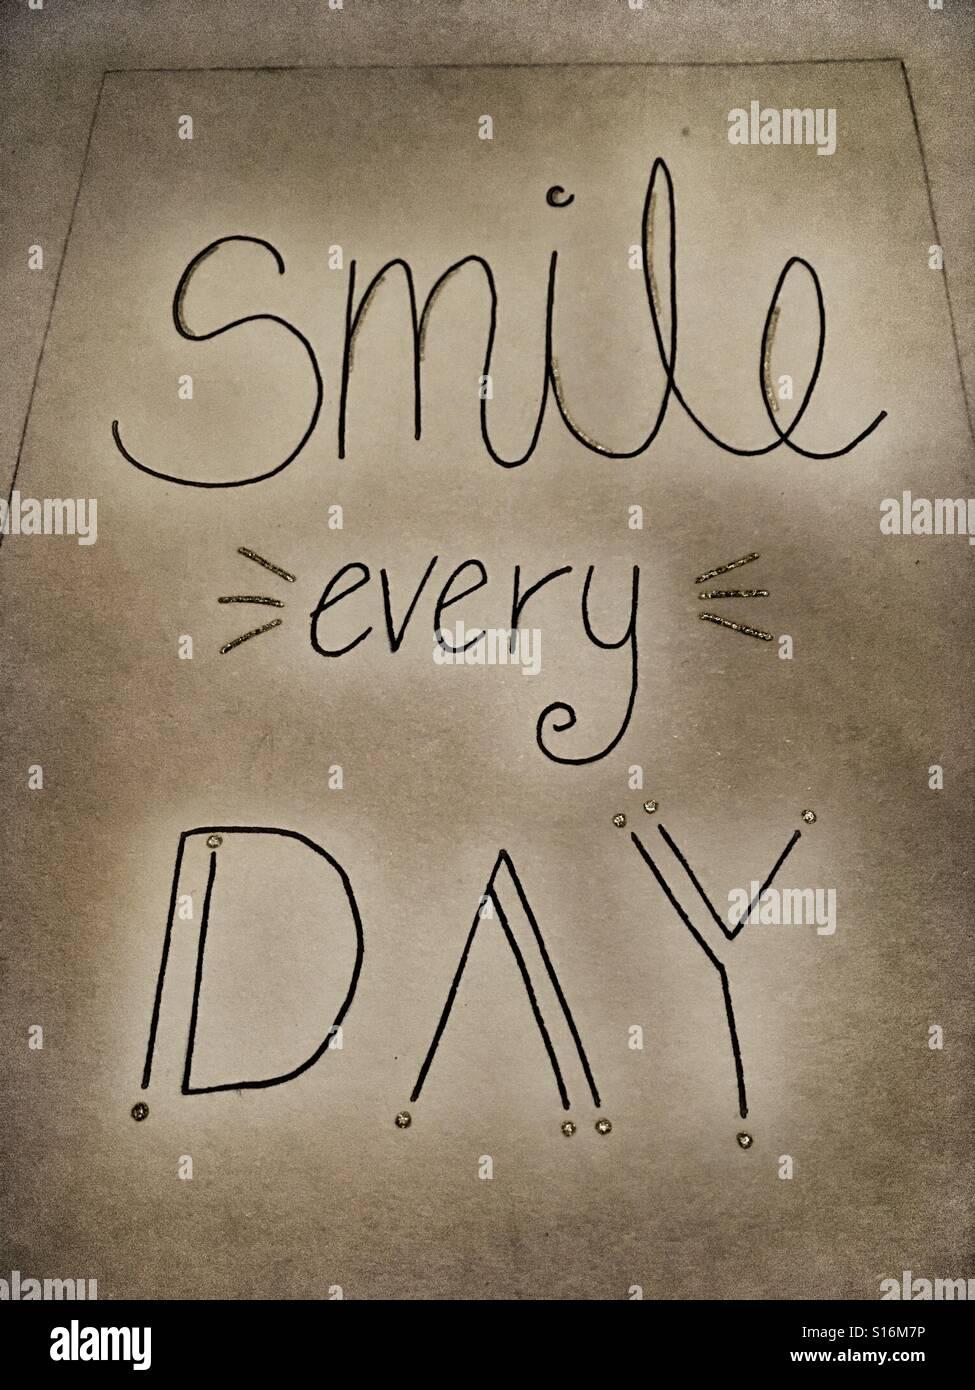 Manuscrita cada día 'Smile' en múltiples fuentes de título Imagen De Stock